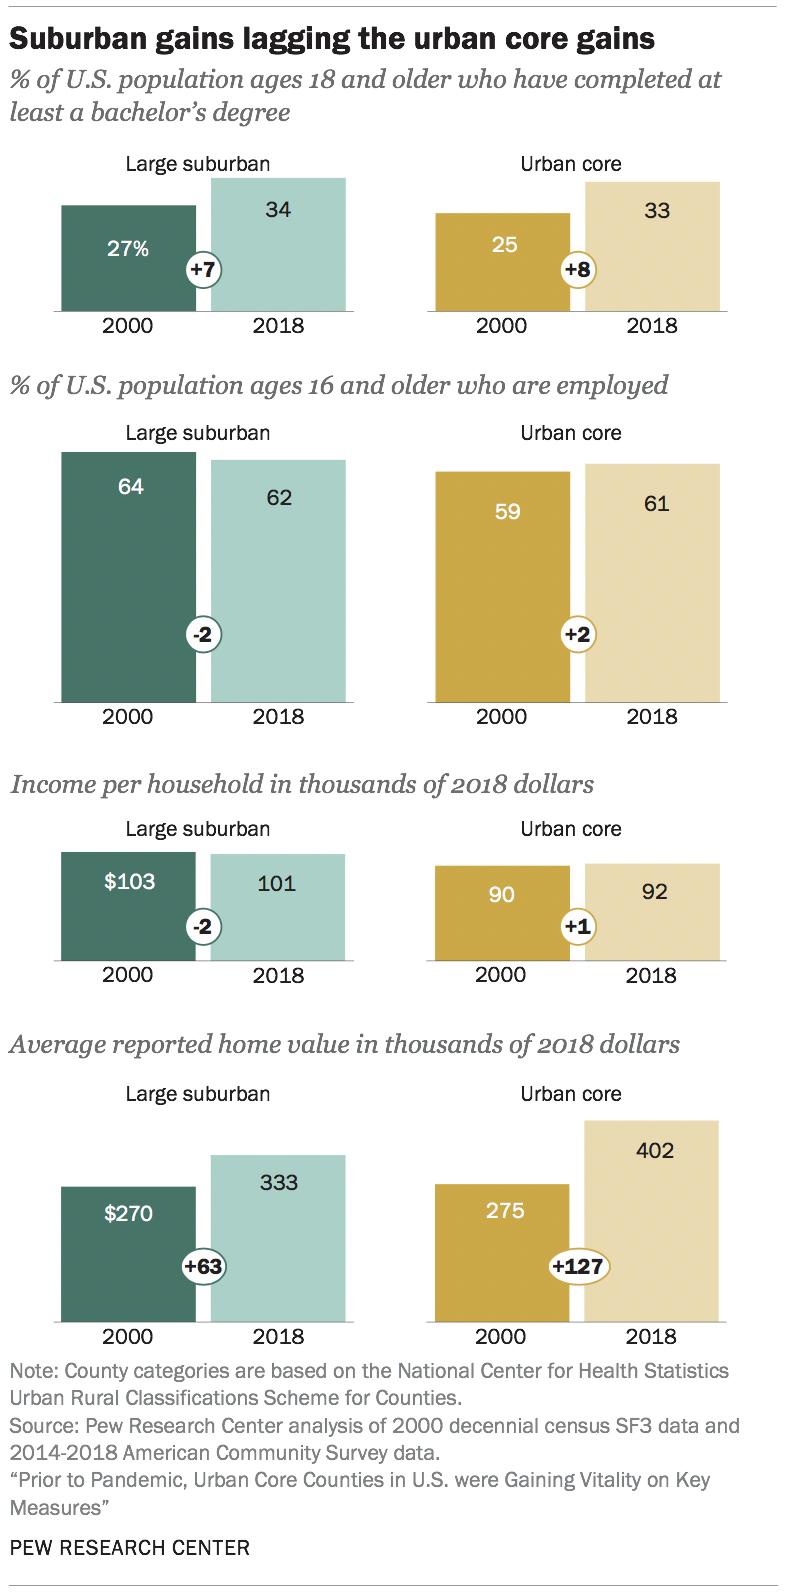 Suburban gains lagging the urban core gains